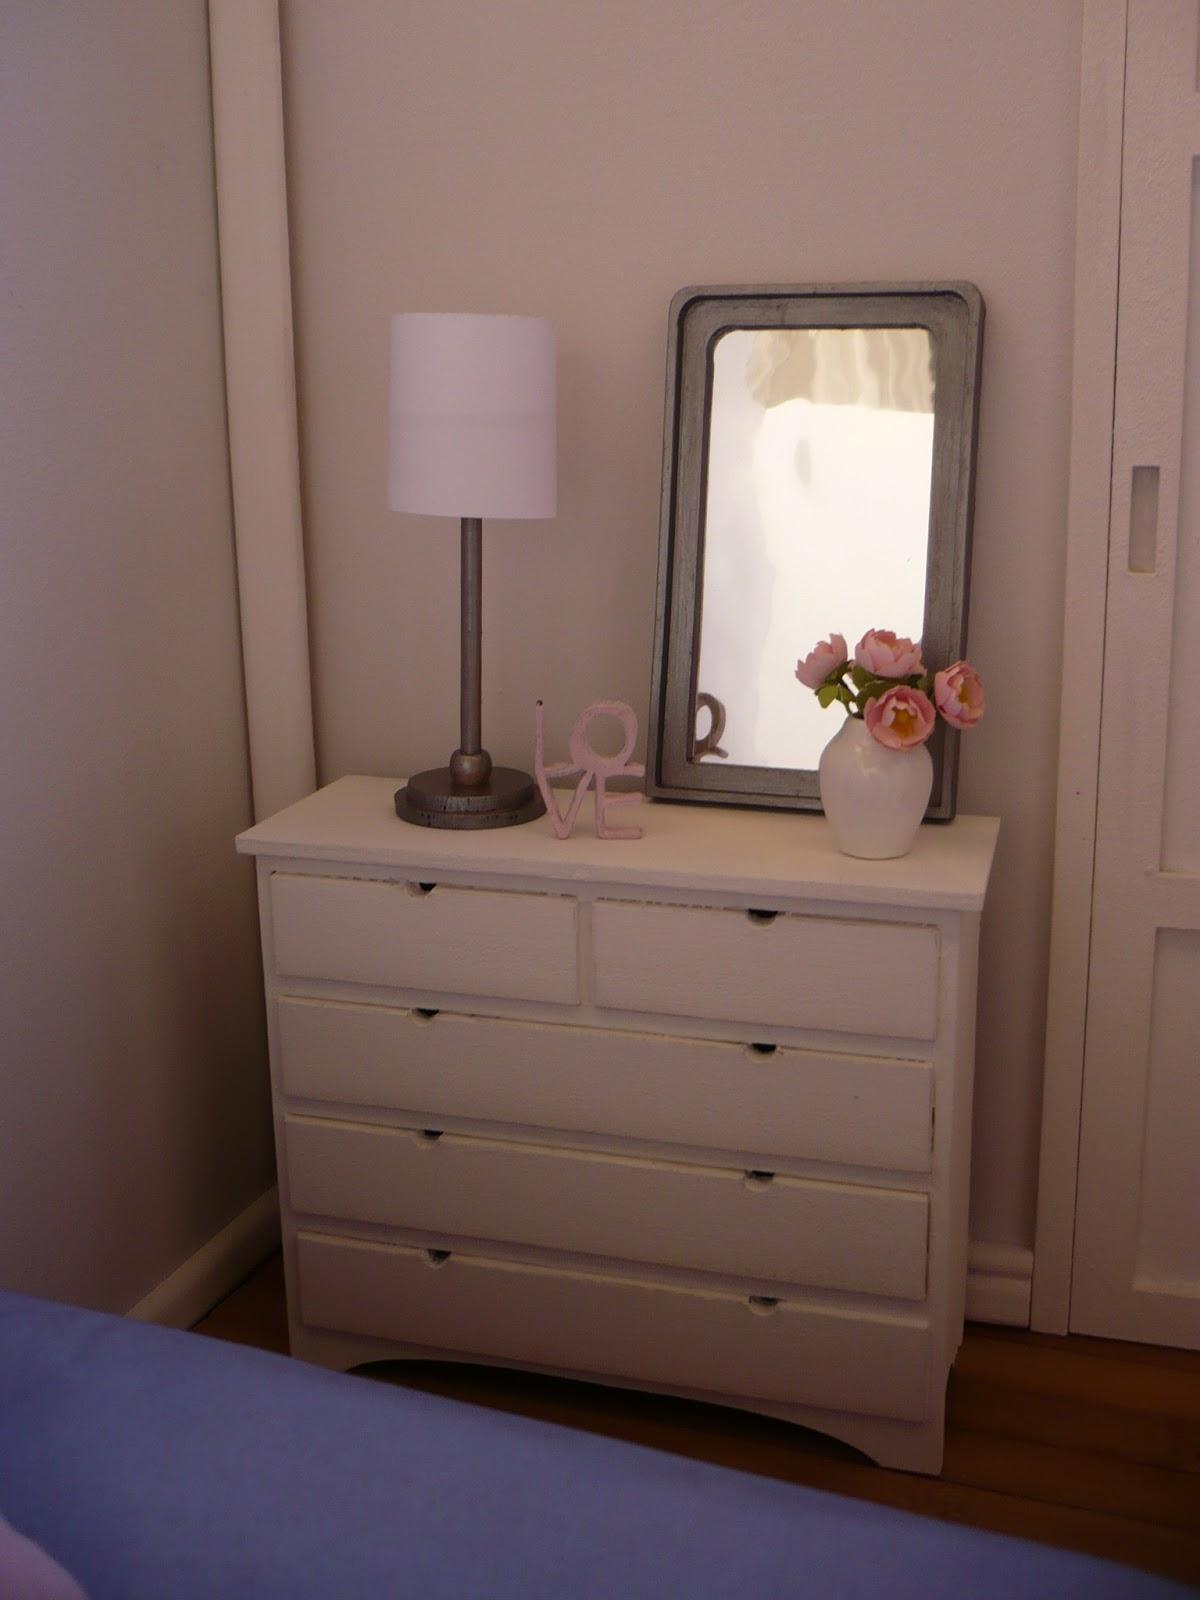 Muebles y complementos en escala 1 6 and now a bedroom - Muebles y complementos ...